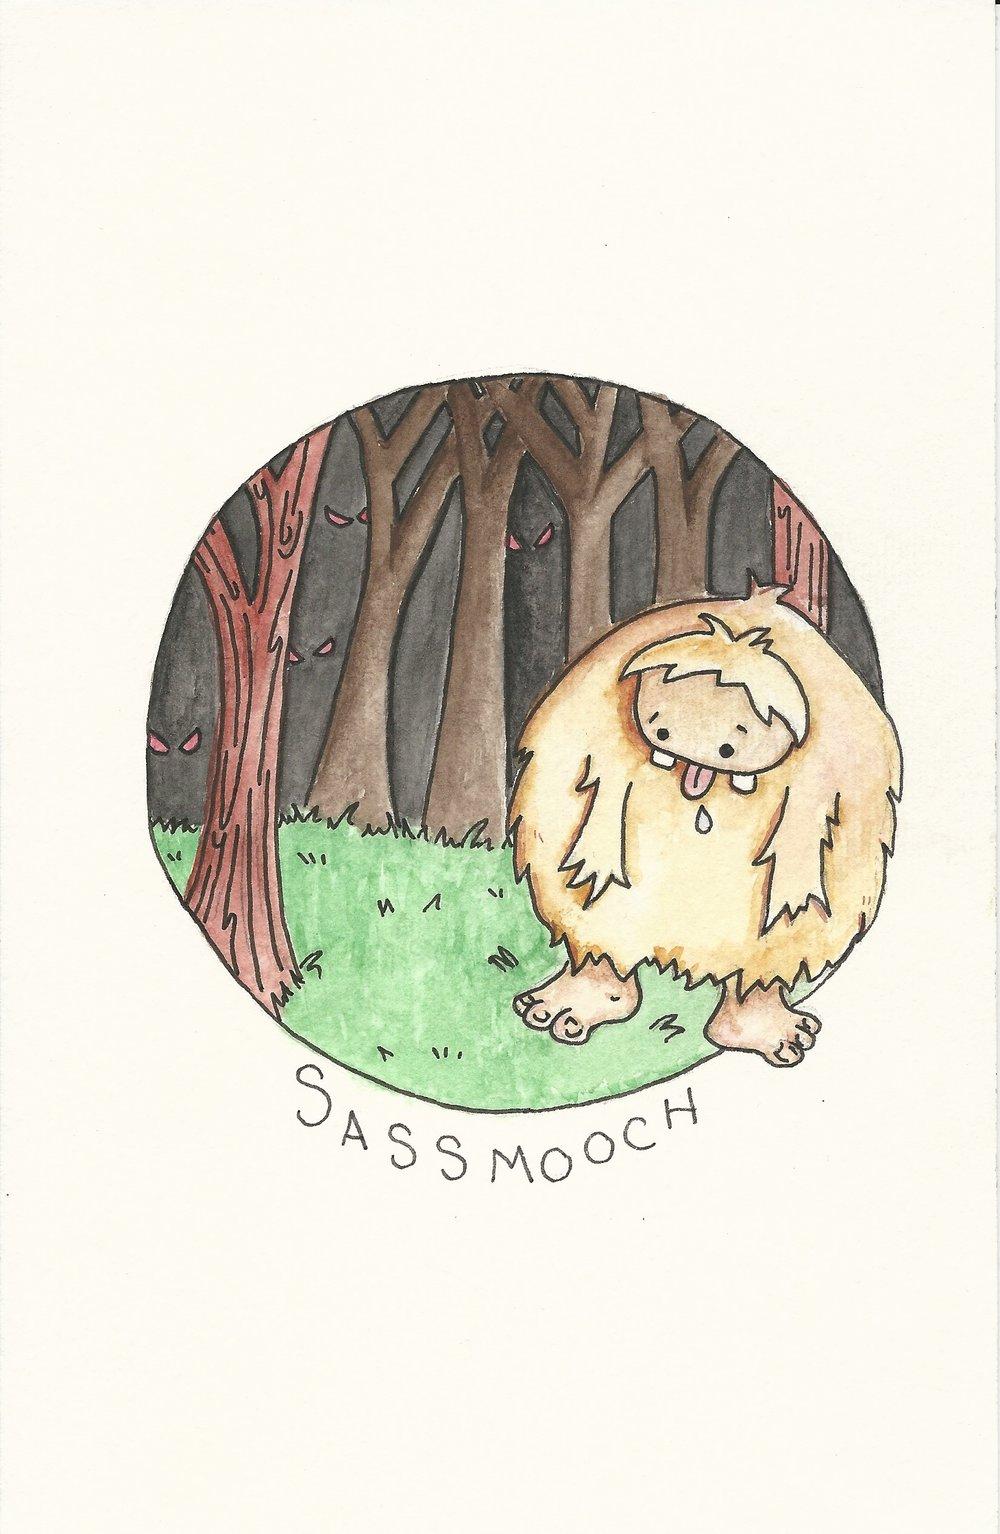 Sassmooch